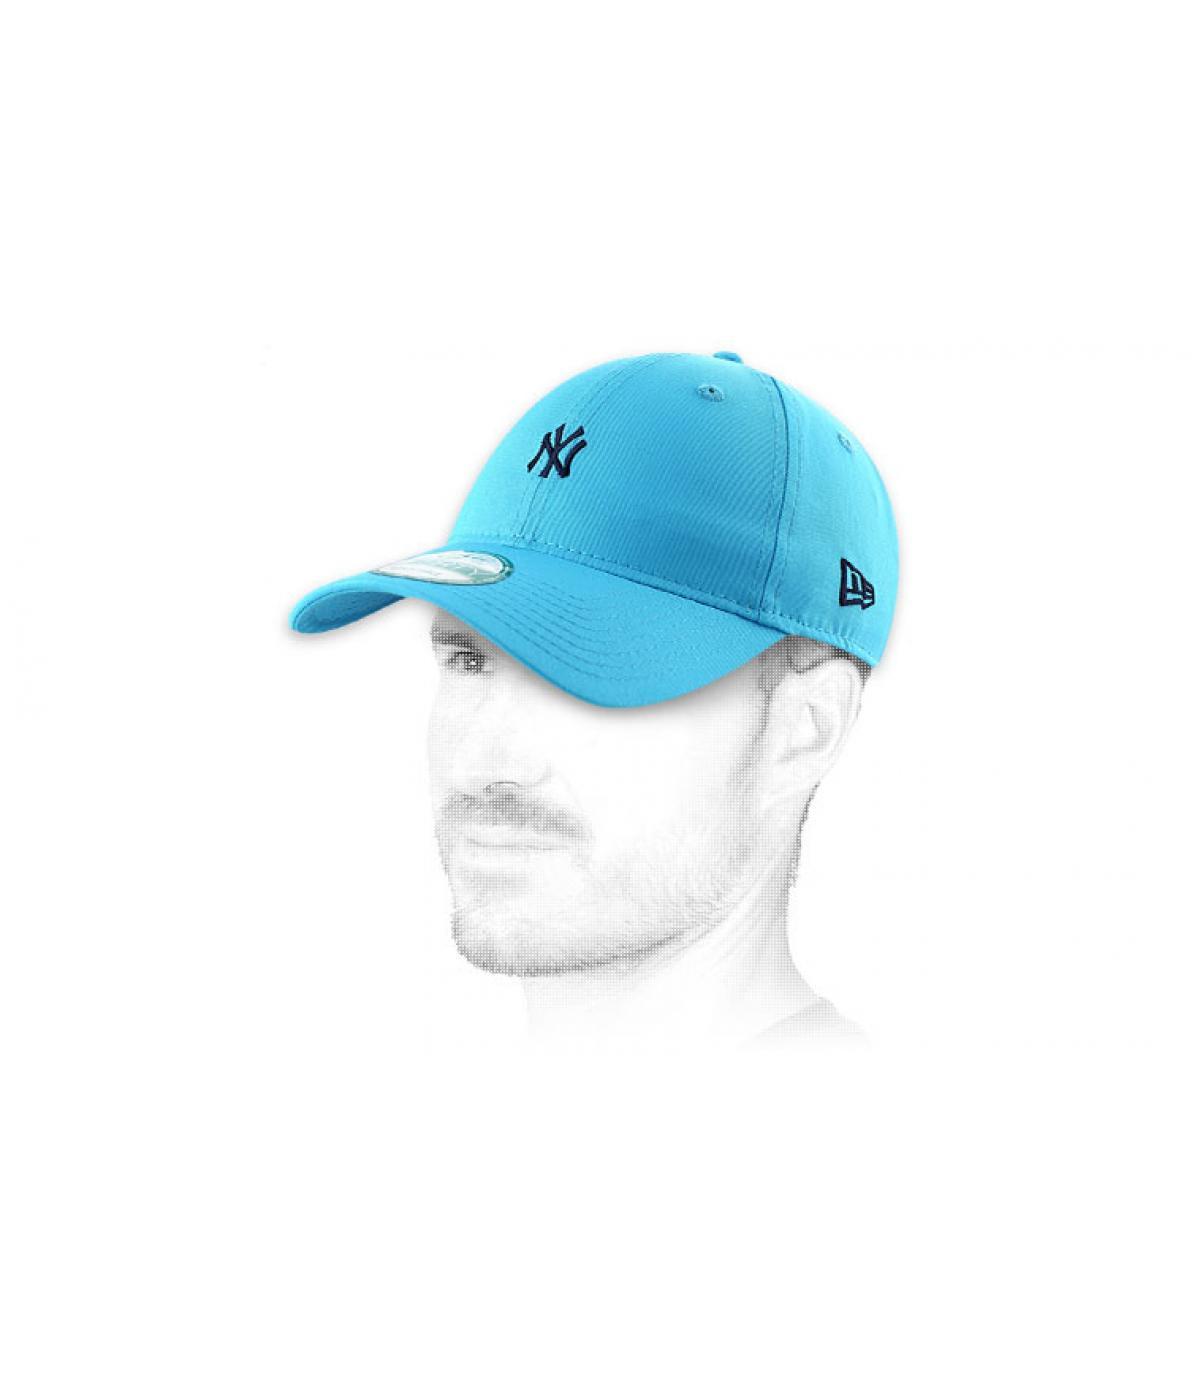 baseball cap flawless ny